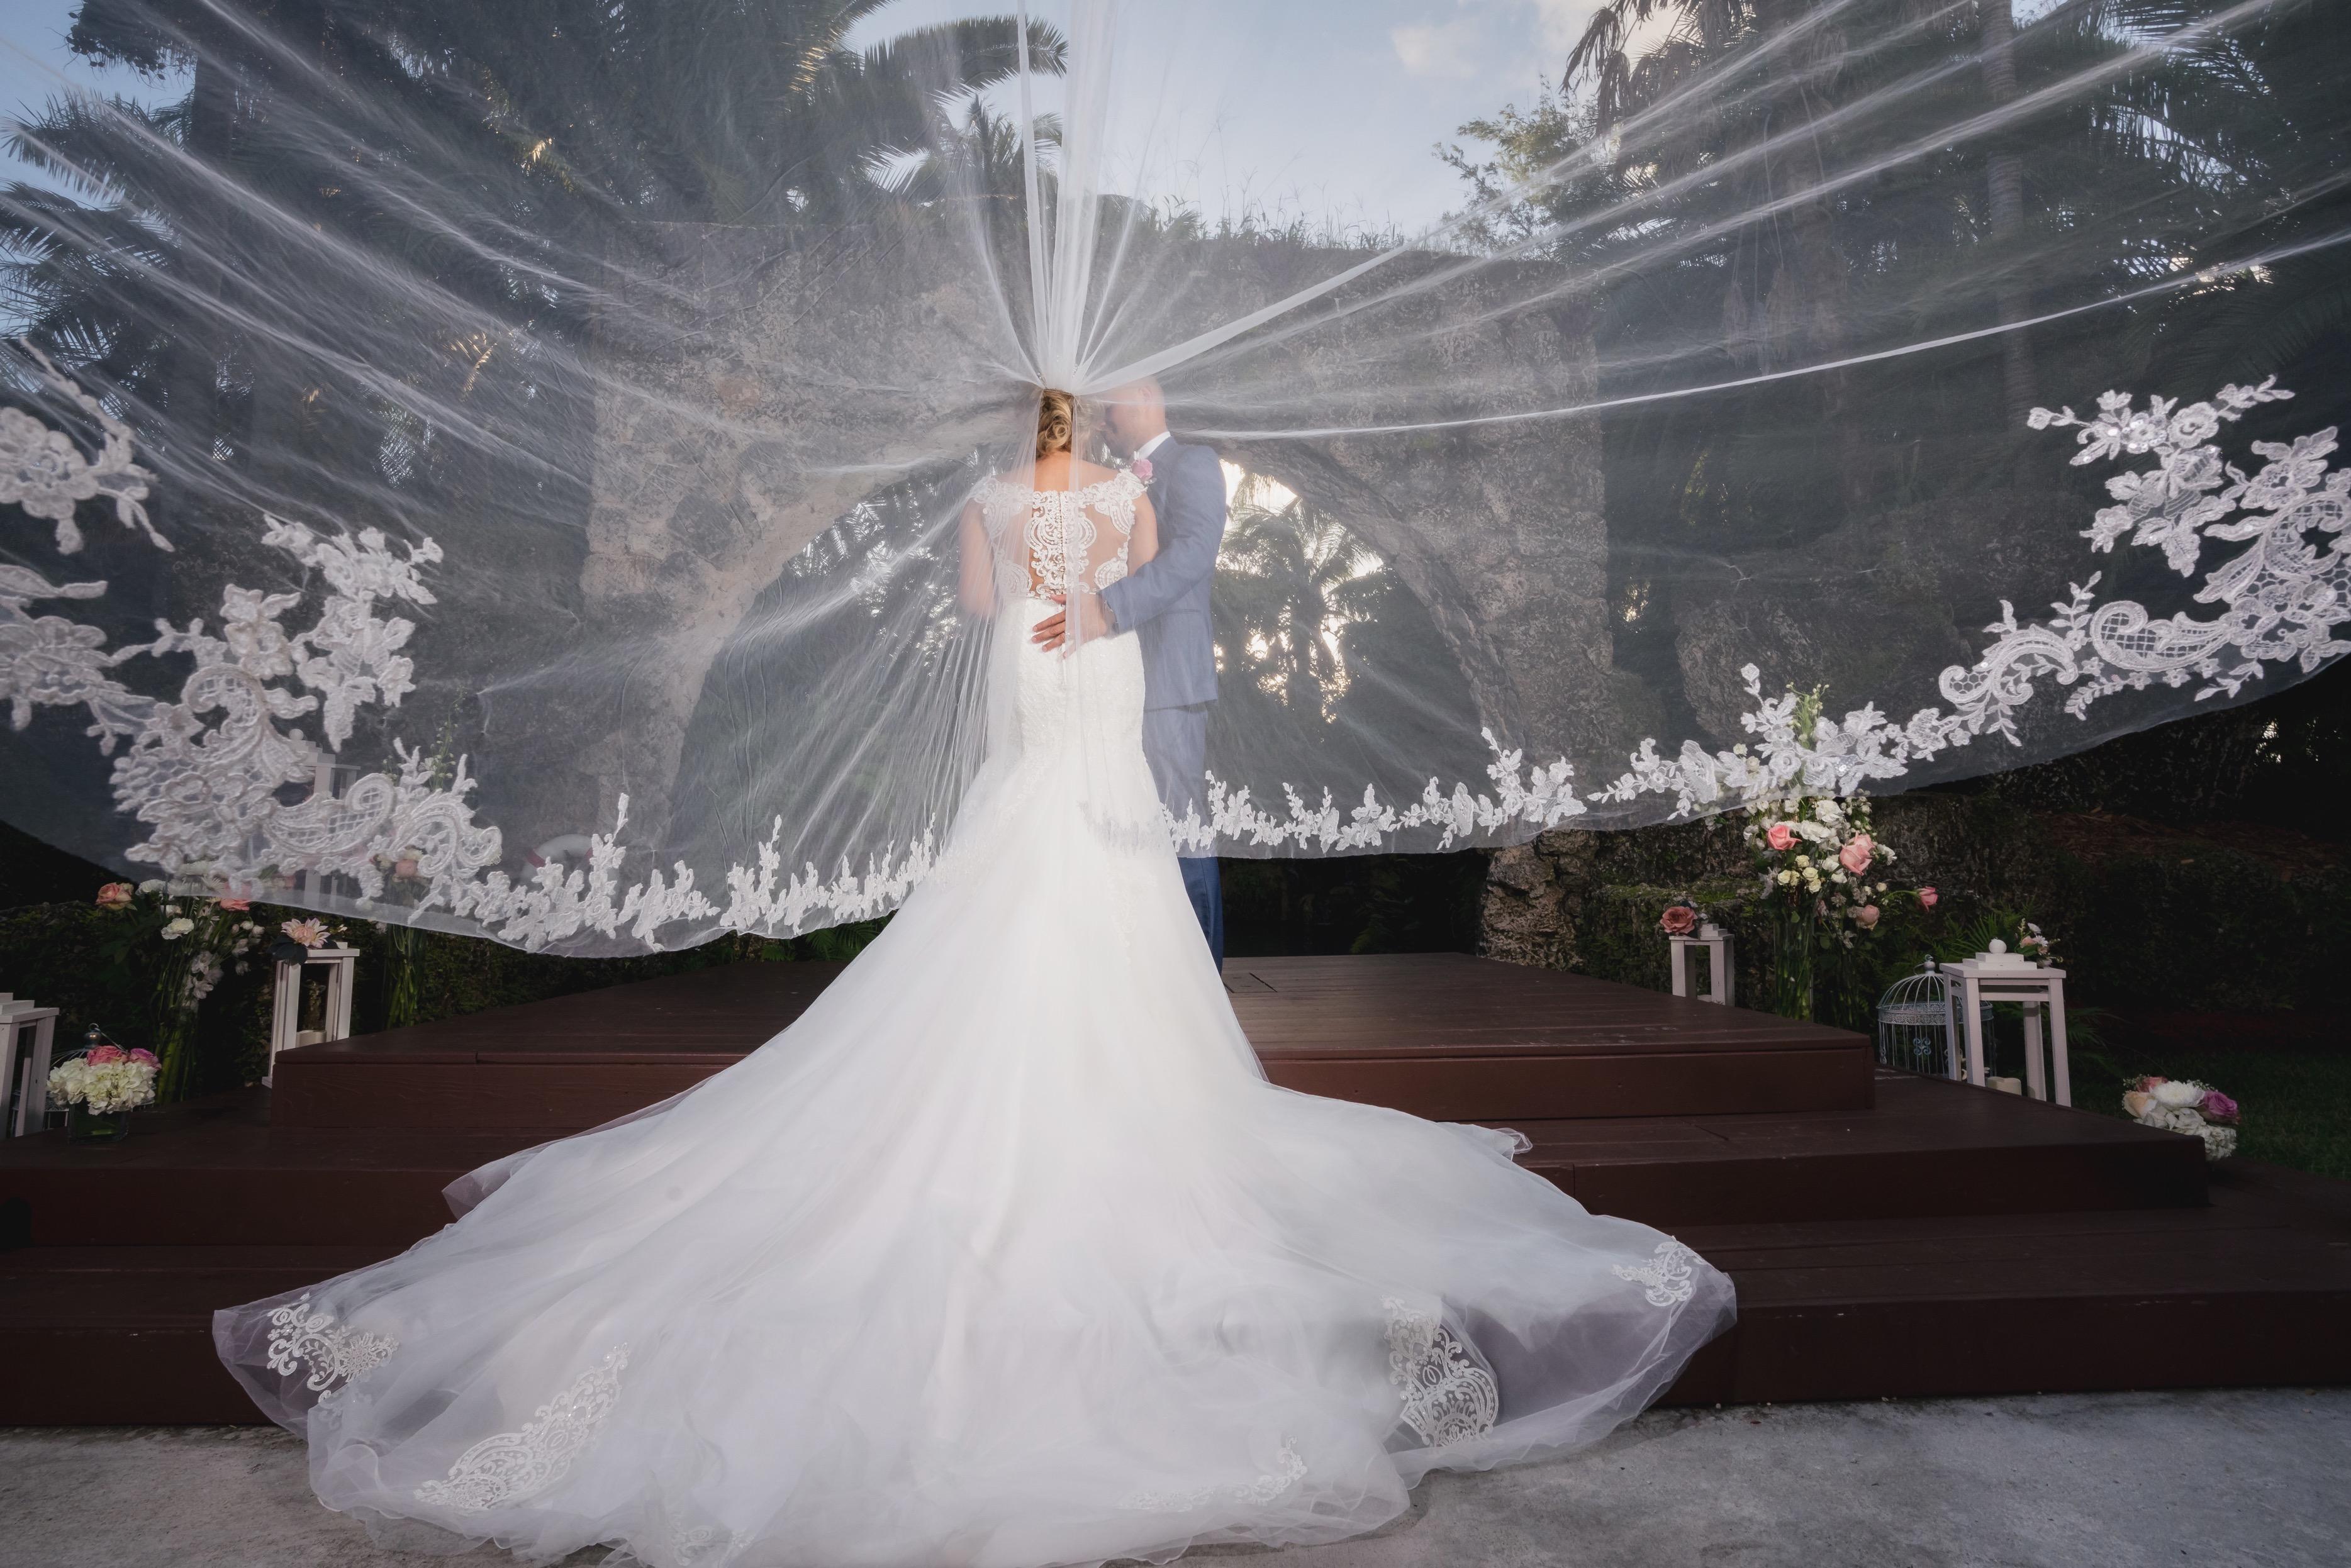 bride under the veil